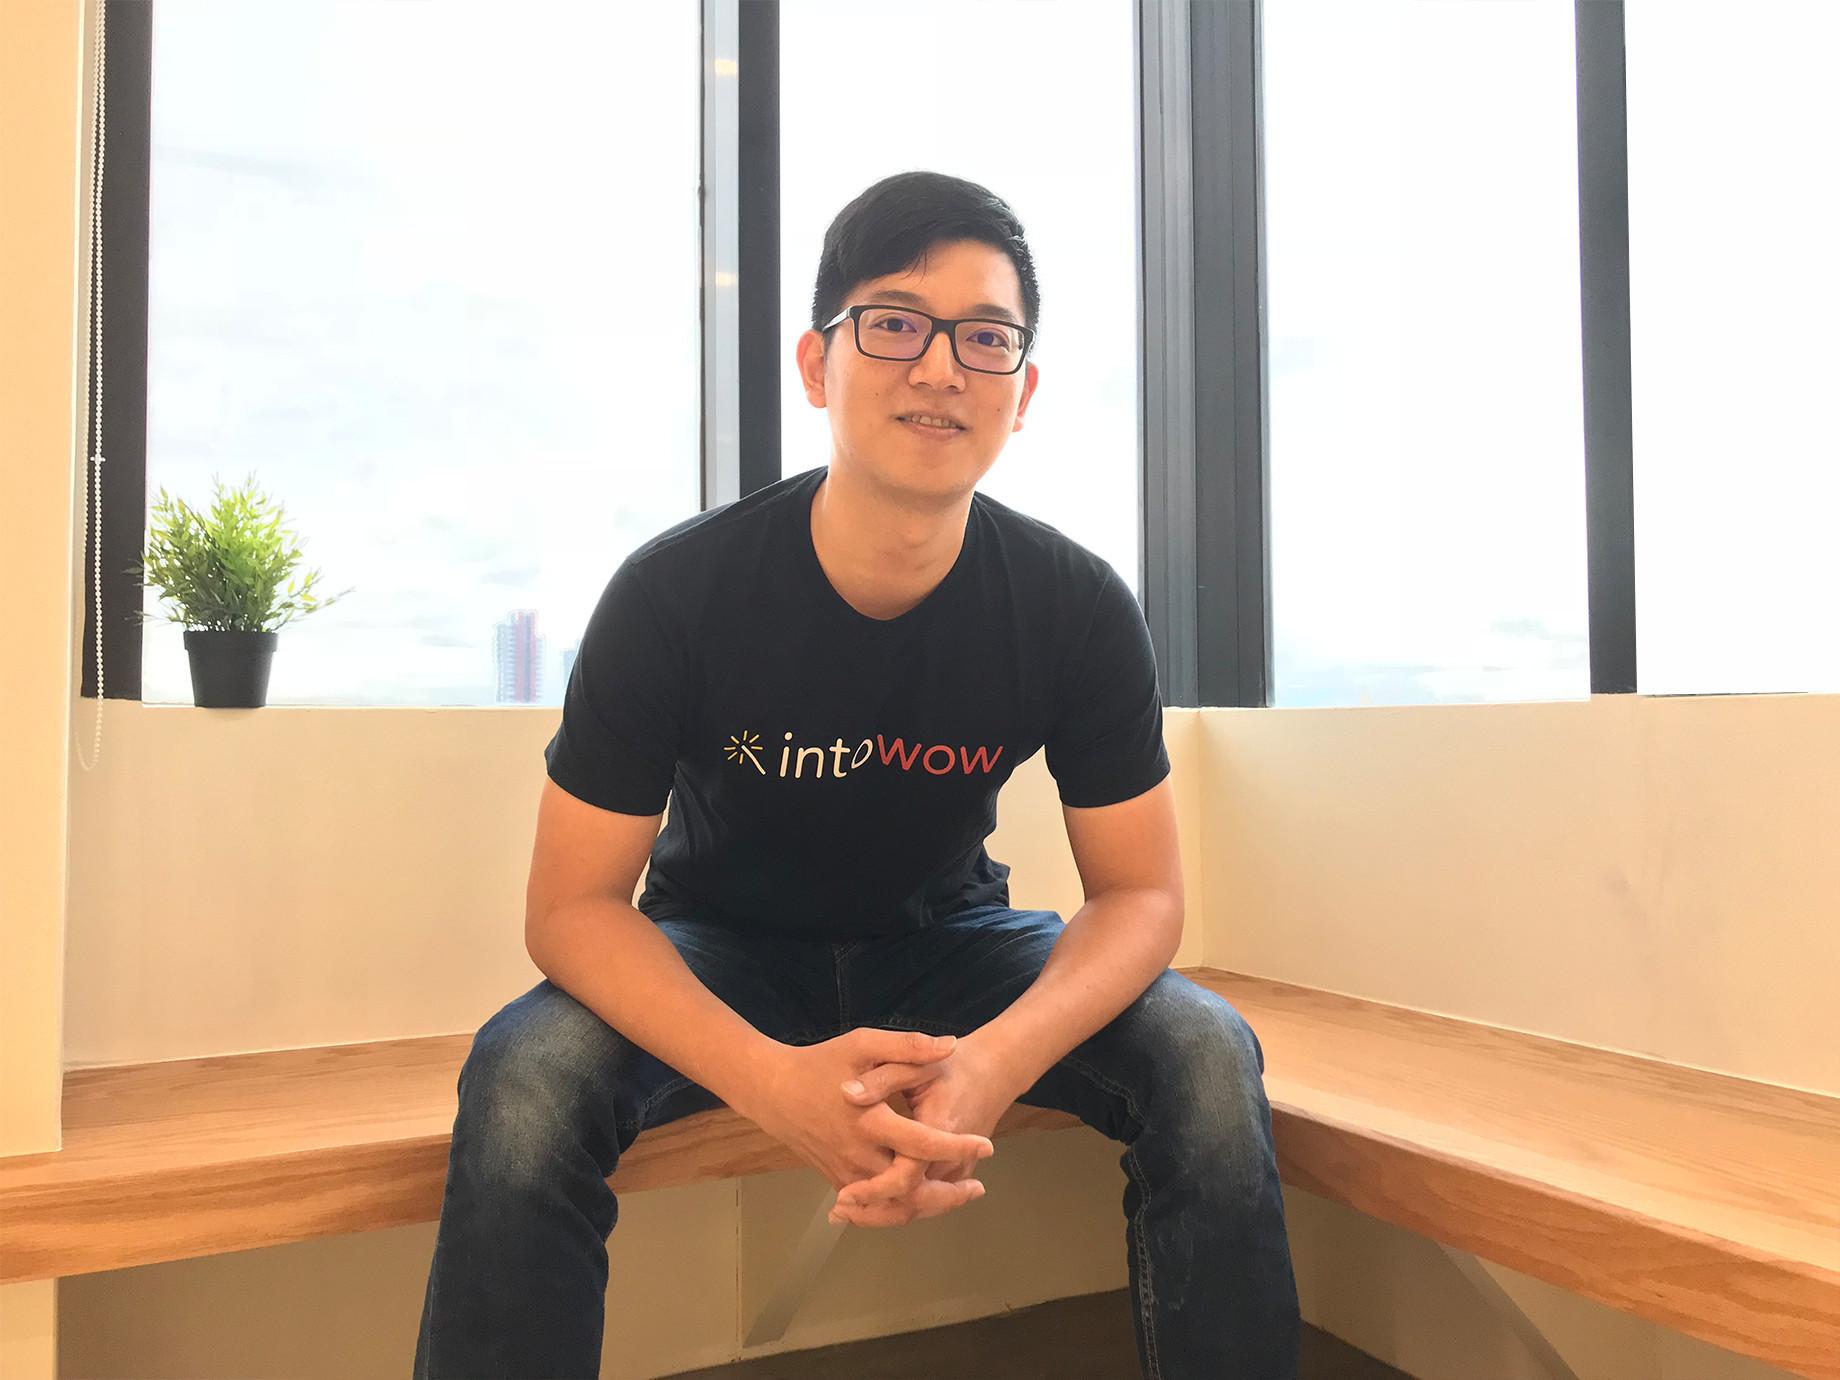 工作分享》鄭岳弘(intowow iOS工程師):在網路新創,享受挑戰才能自我精進